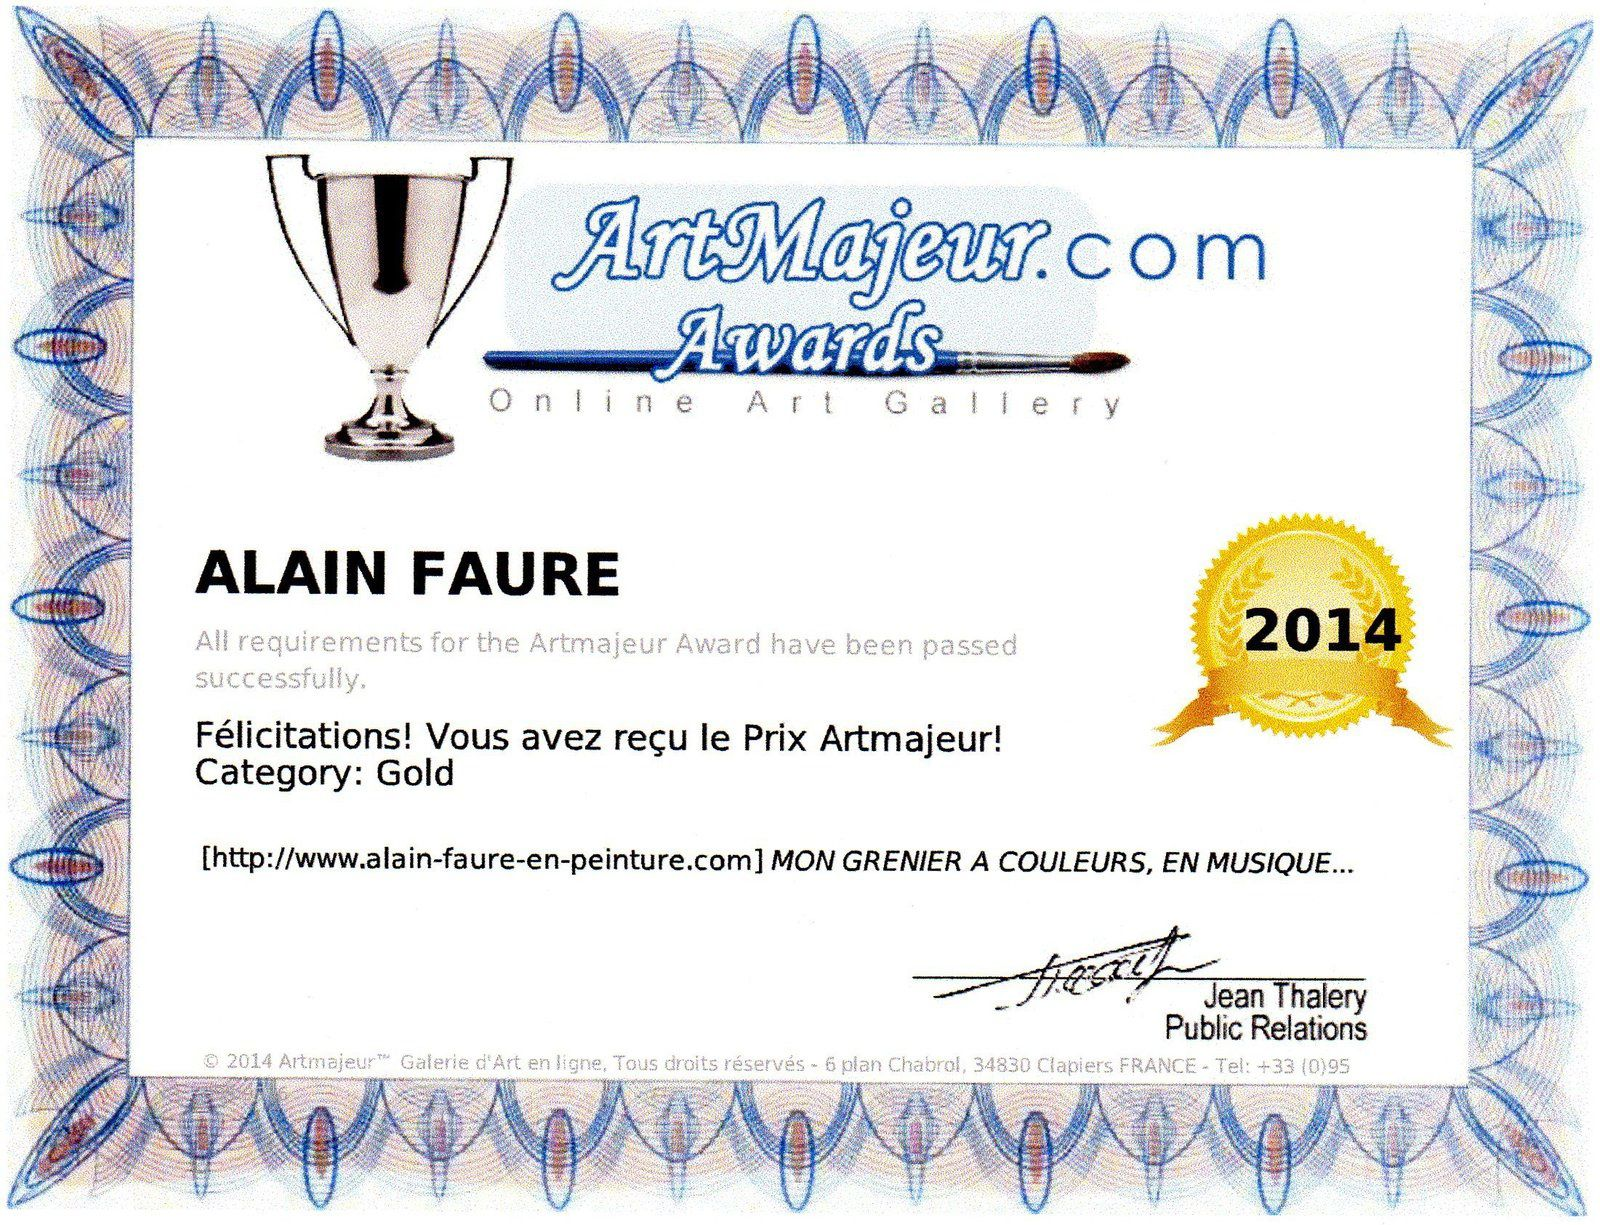 ALAIN FAURE ...Grand Prix ArtMajeur Silver Award en 2010 - 2011 - 2012 - 2013 - 2015 - Gold Award en 2014 - 2017 - Platinium Award en 2018